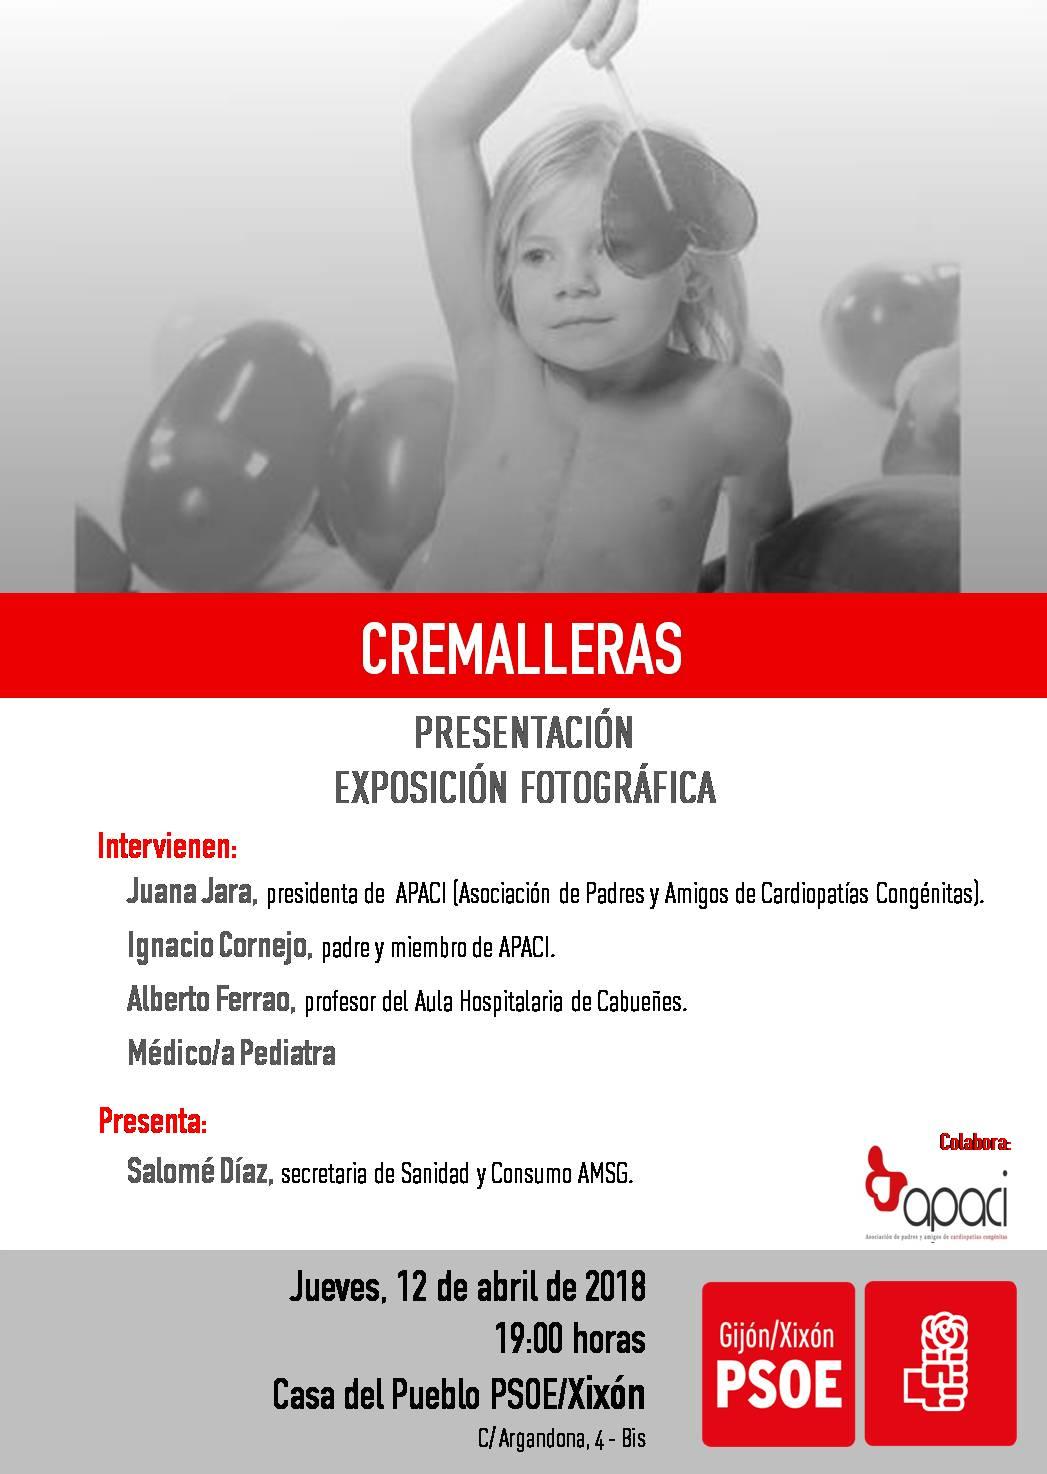 180412_PresentaciónExpsiciónCremalleras